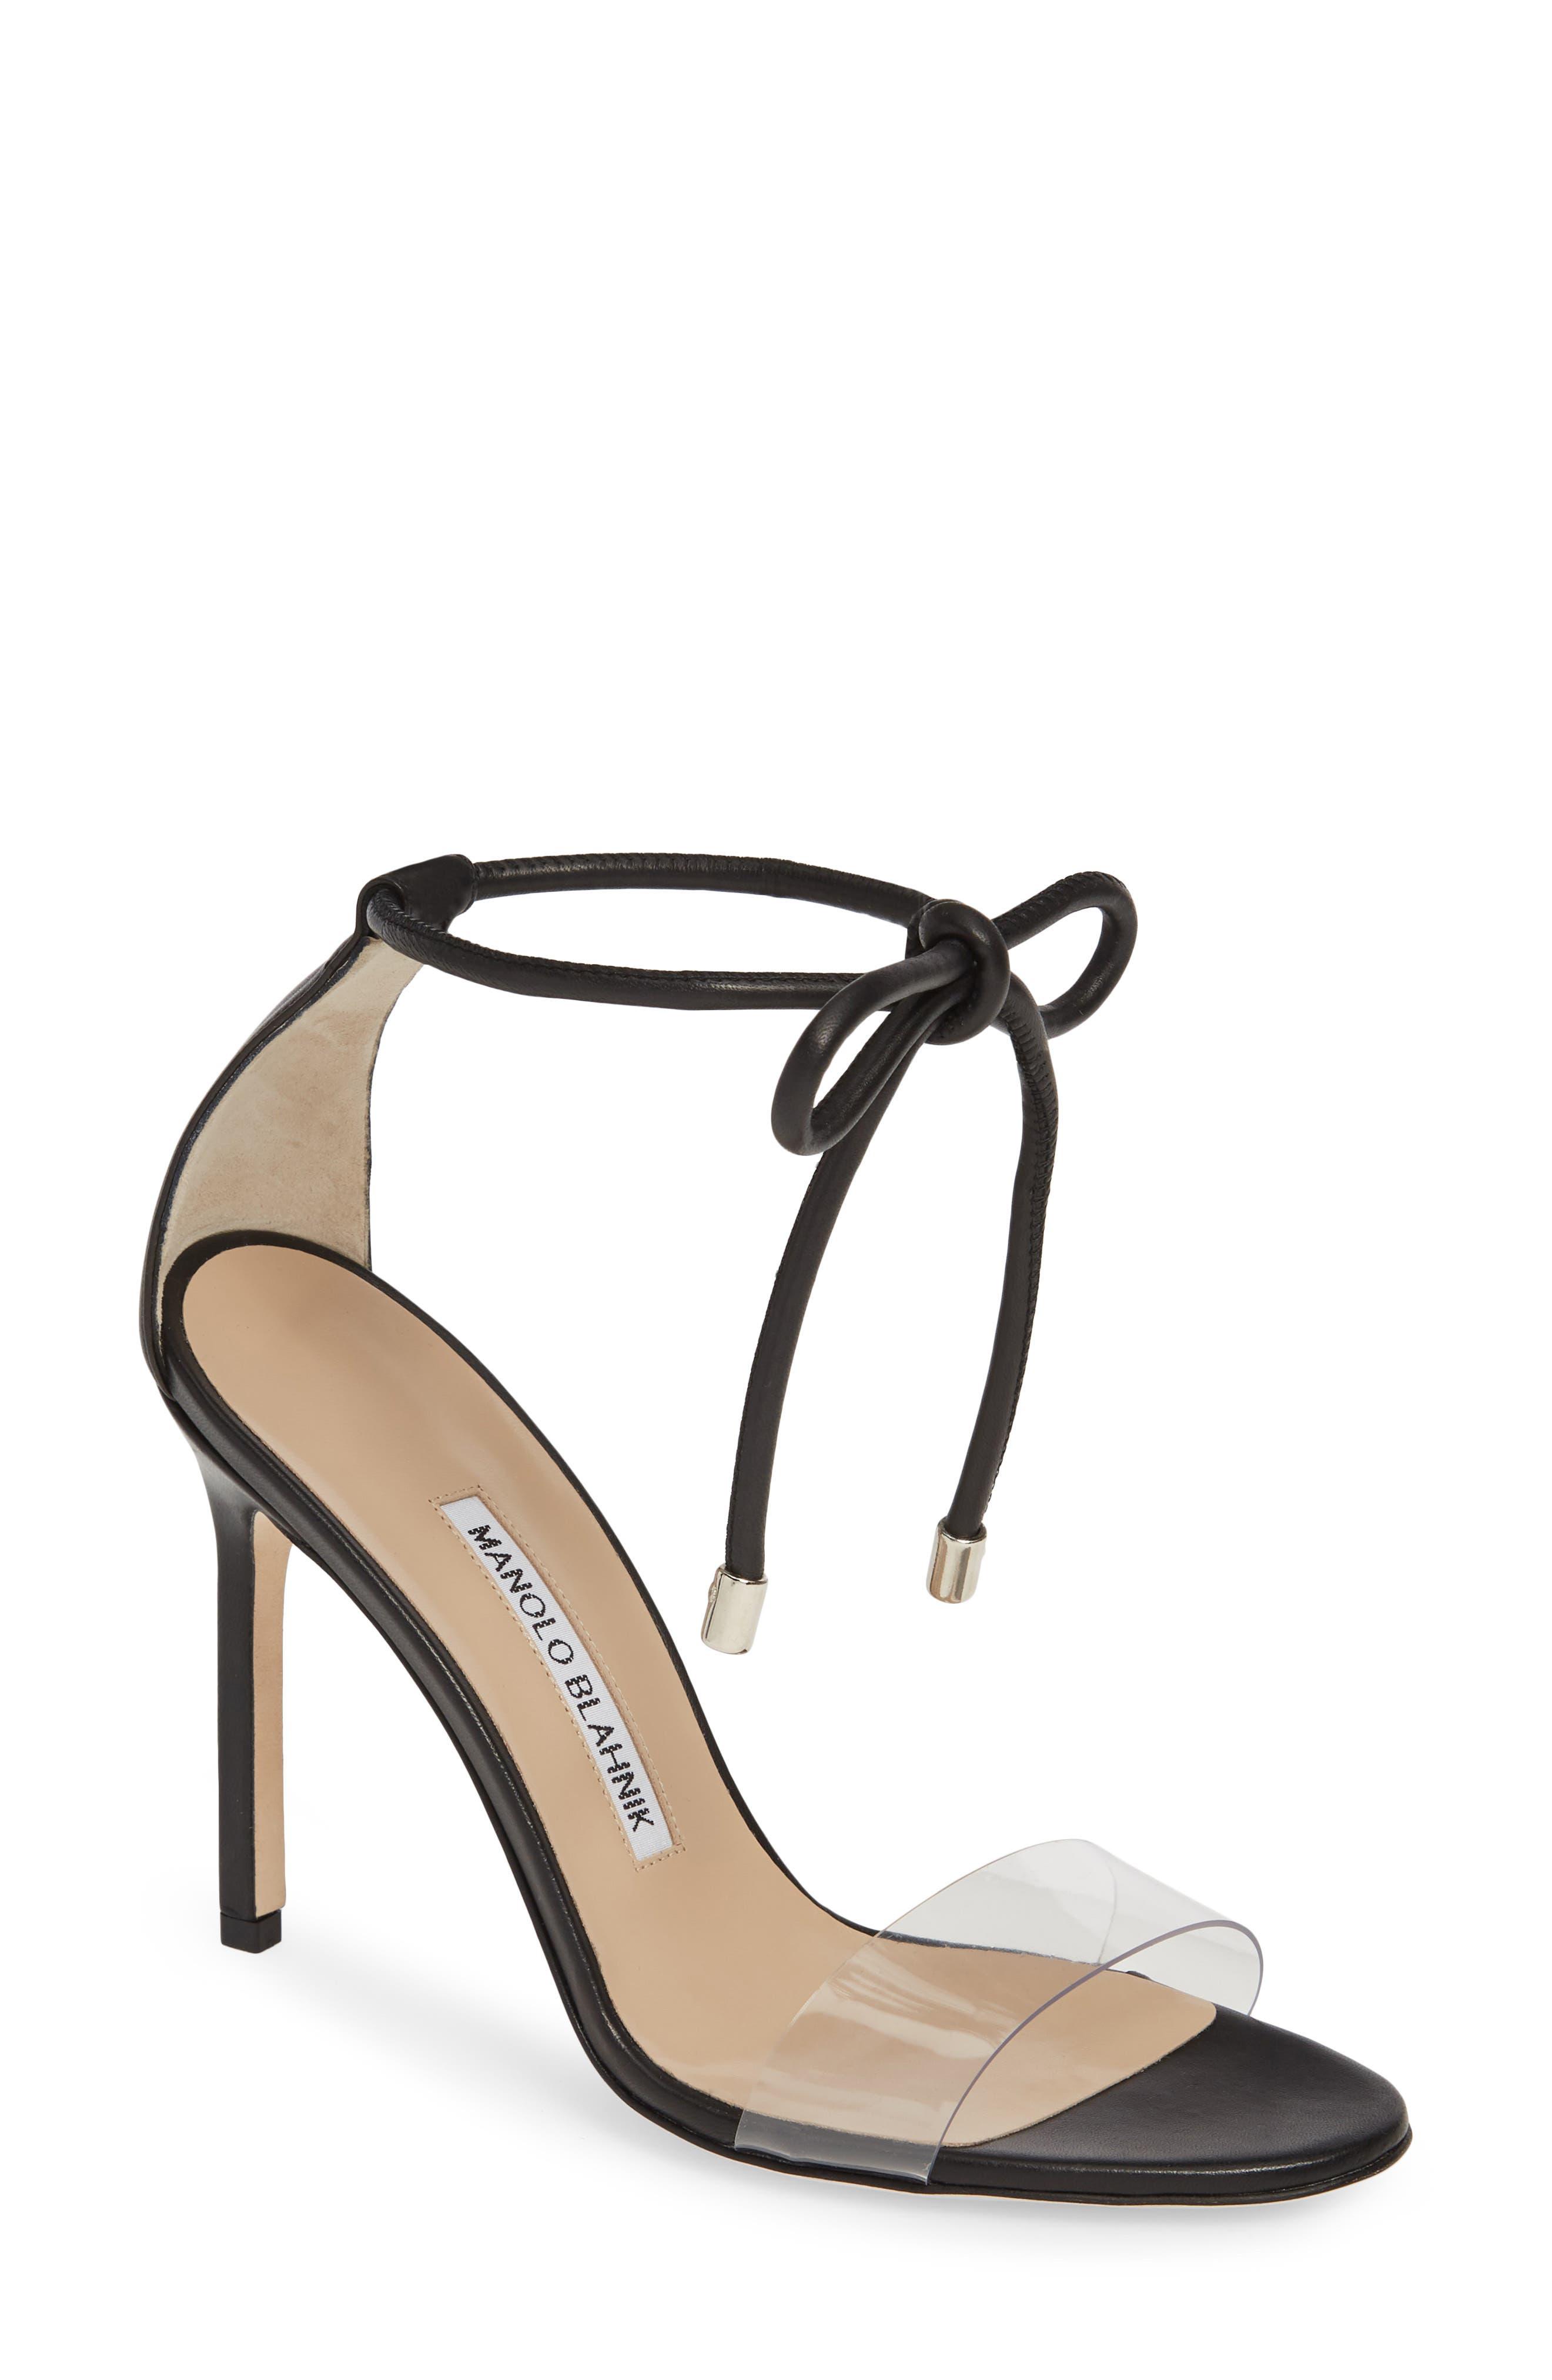 MANOLO BLAHNIK, Estro Ankle Tie Sandal, Main thumbnail 1, color, BLACK LEATHER